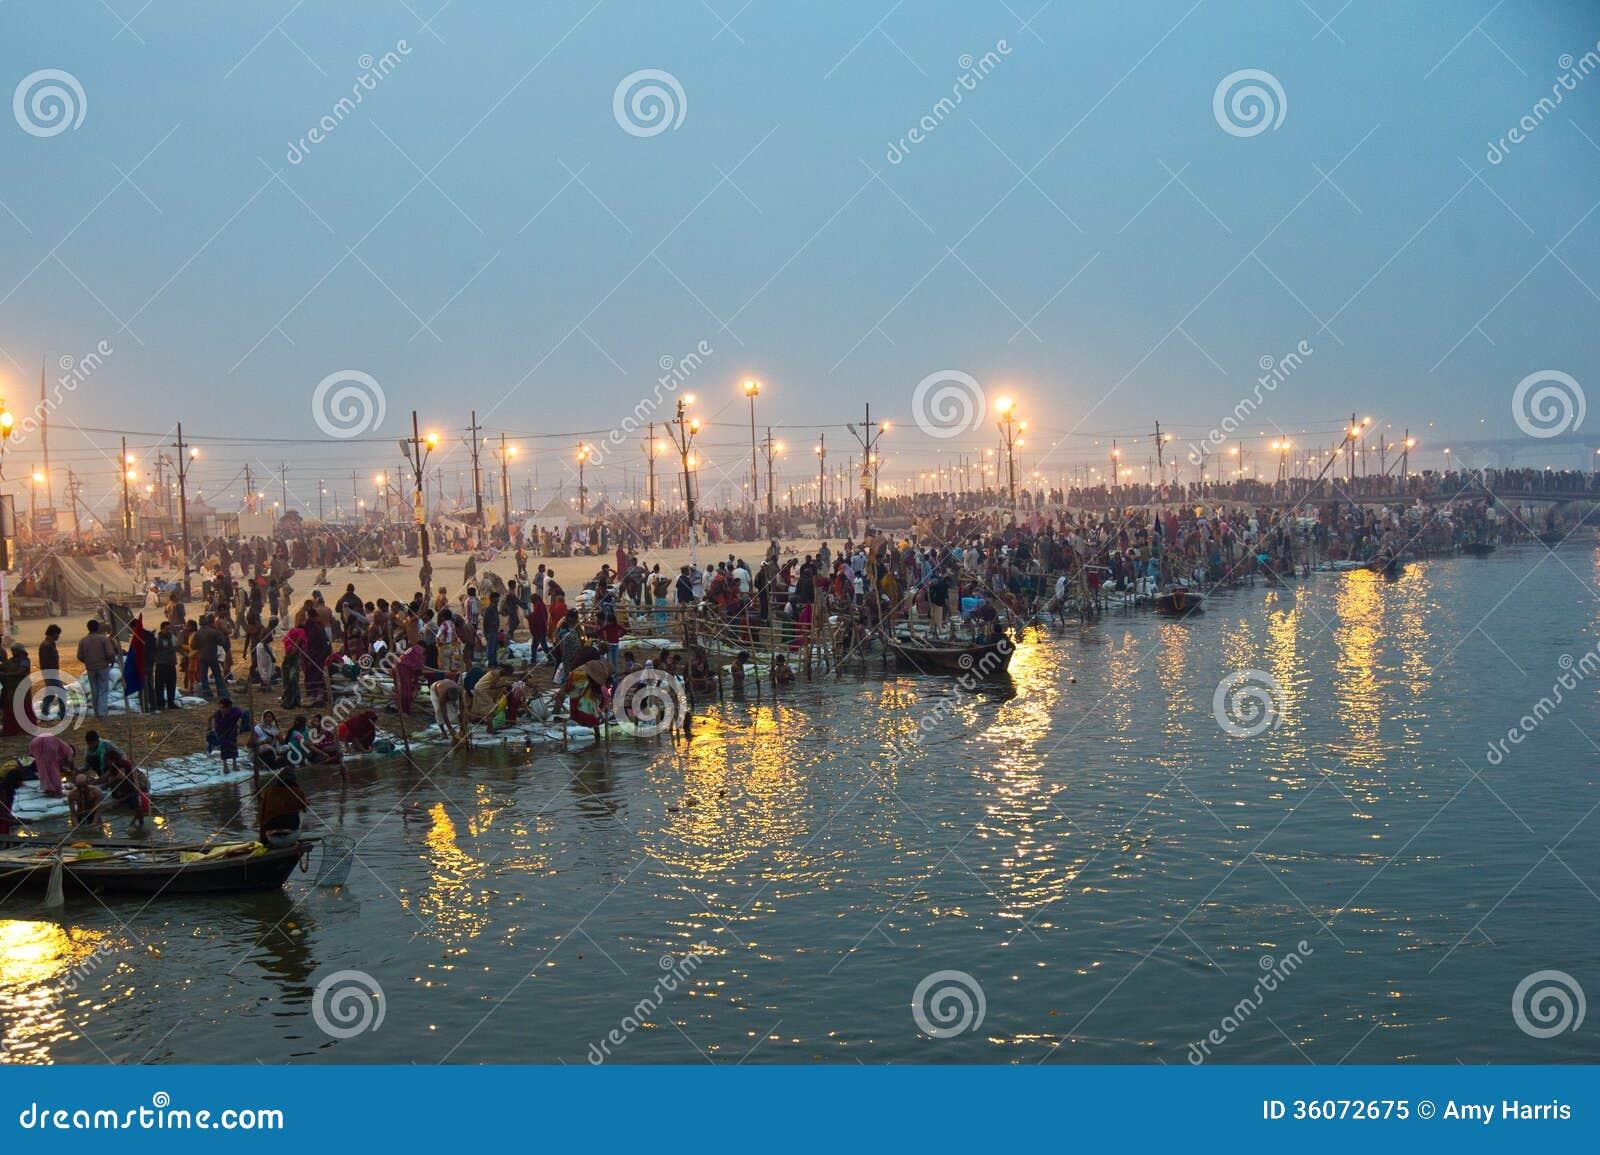 Παγκόσμια μεγαλύτερη ανθρώπινη συλλογή της Ινδίας Kumbh Mela-